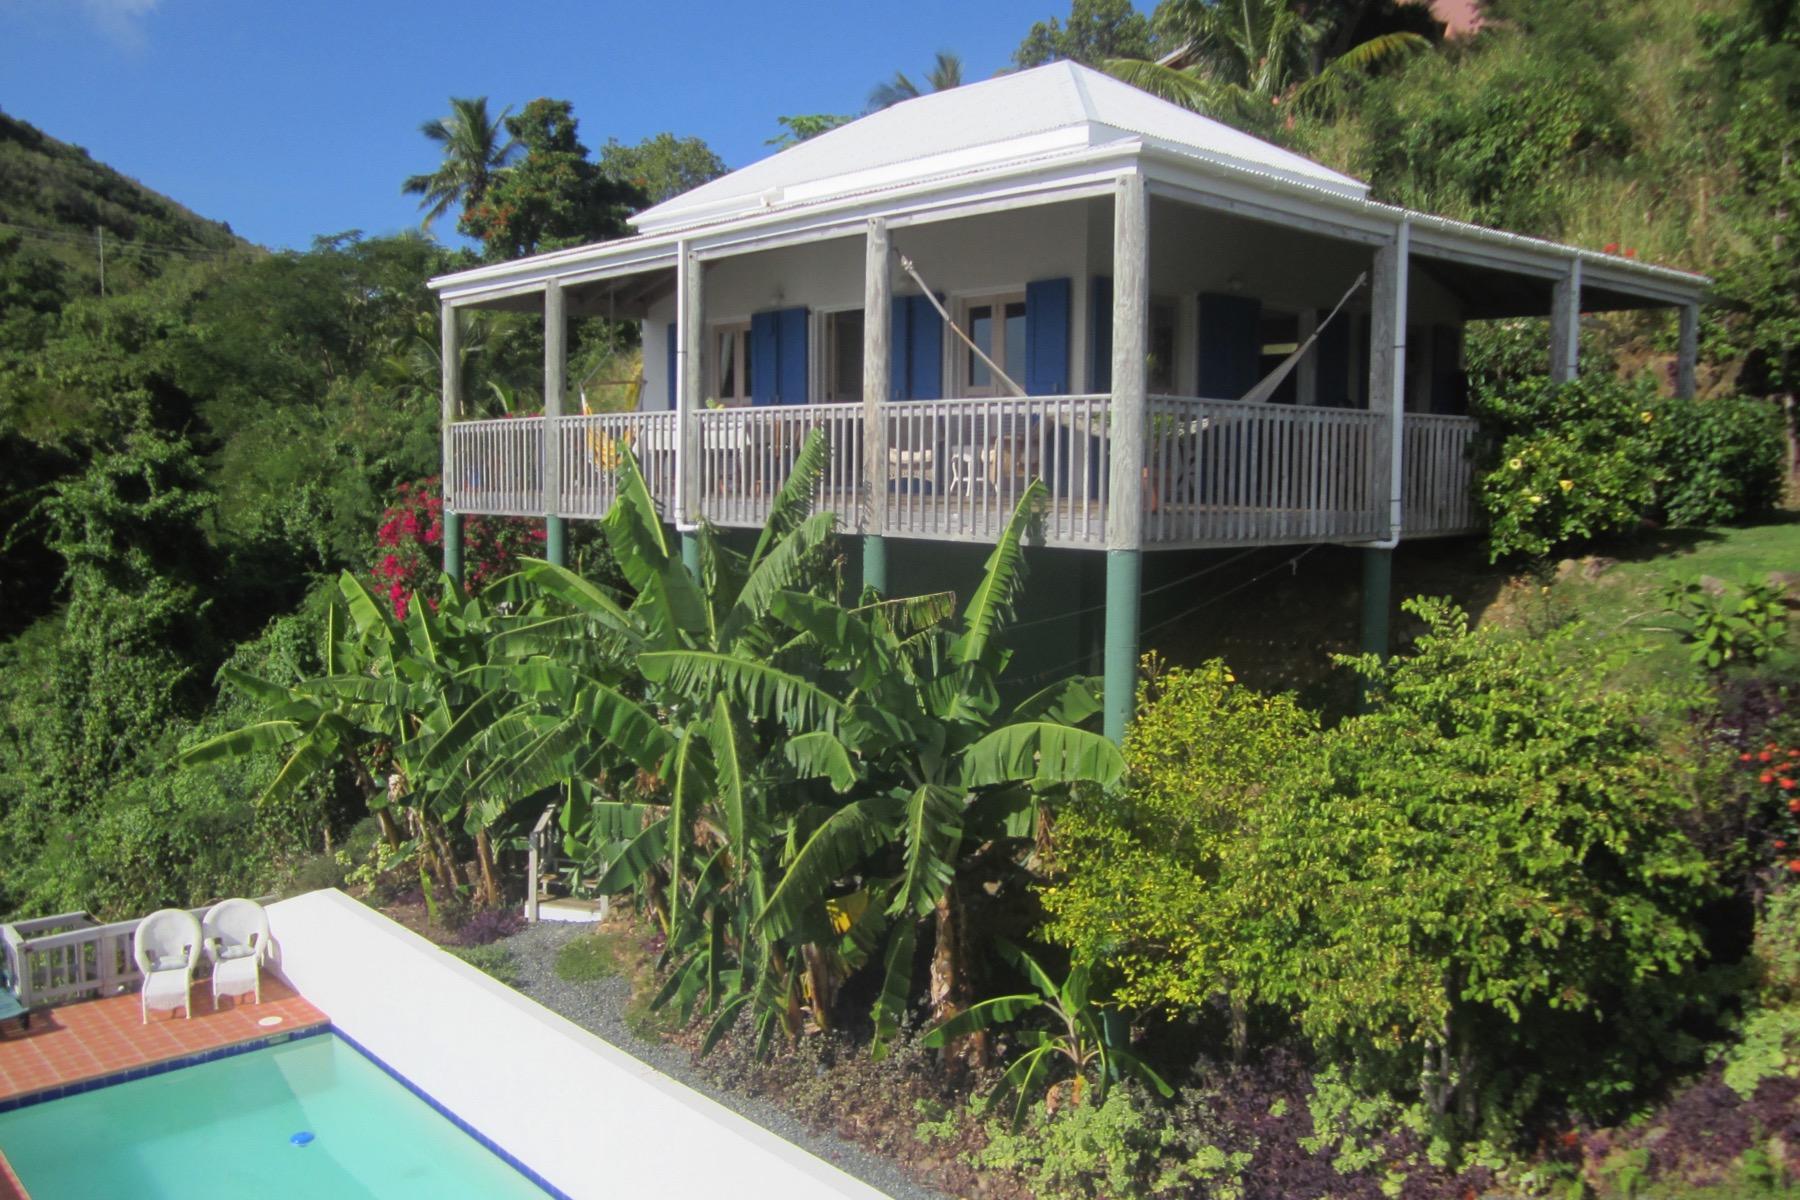 二世帯住宅 のために 売買 アット Makere House Cane Garden Bay, トルトラ イギリス領ヴァージン諸島